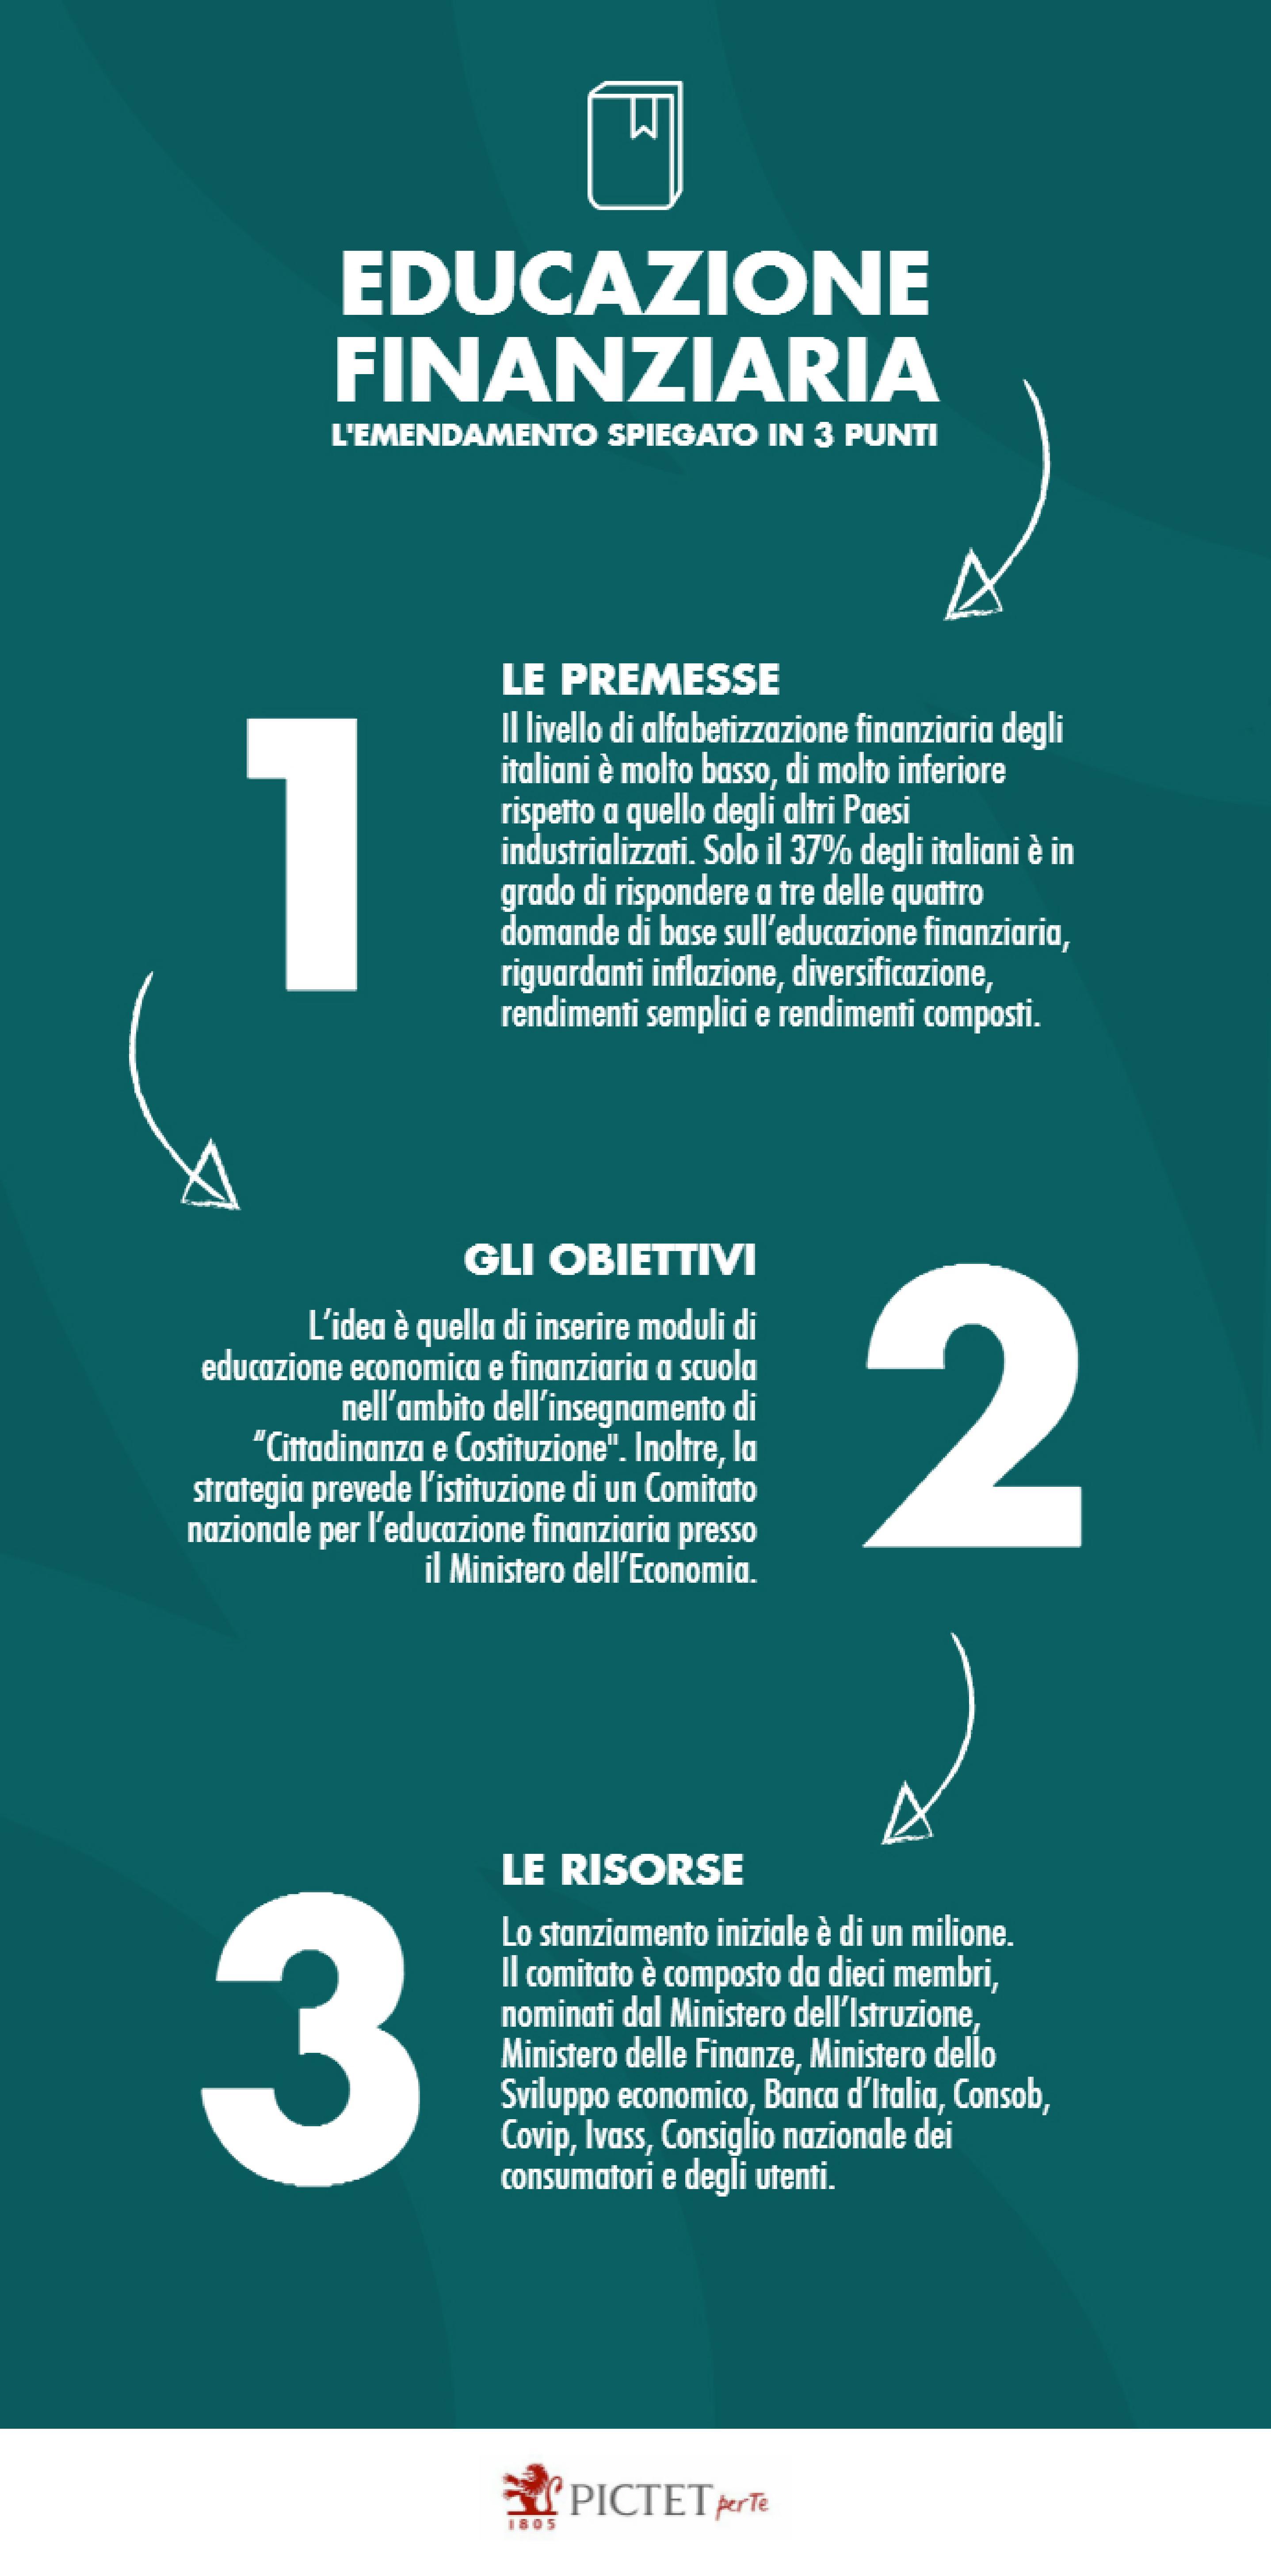 526_526_educazione_finanziaria_infografica_1-page-001